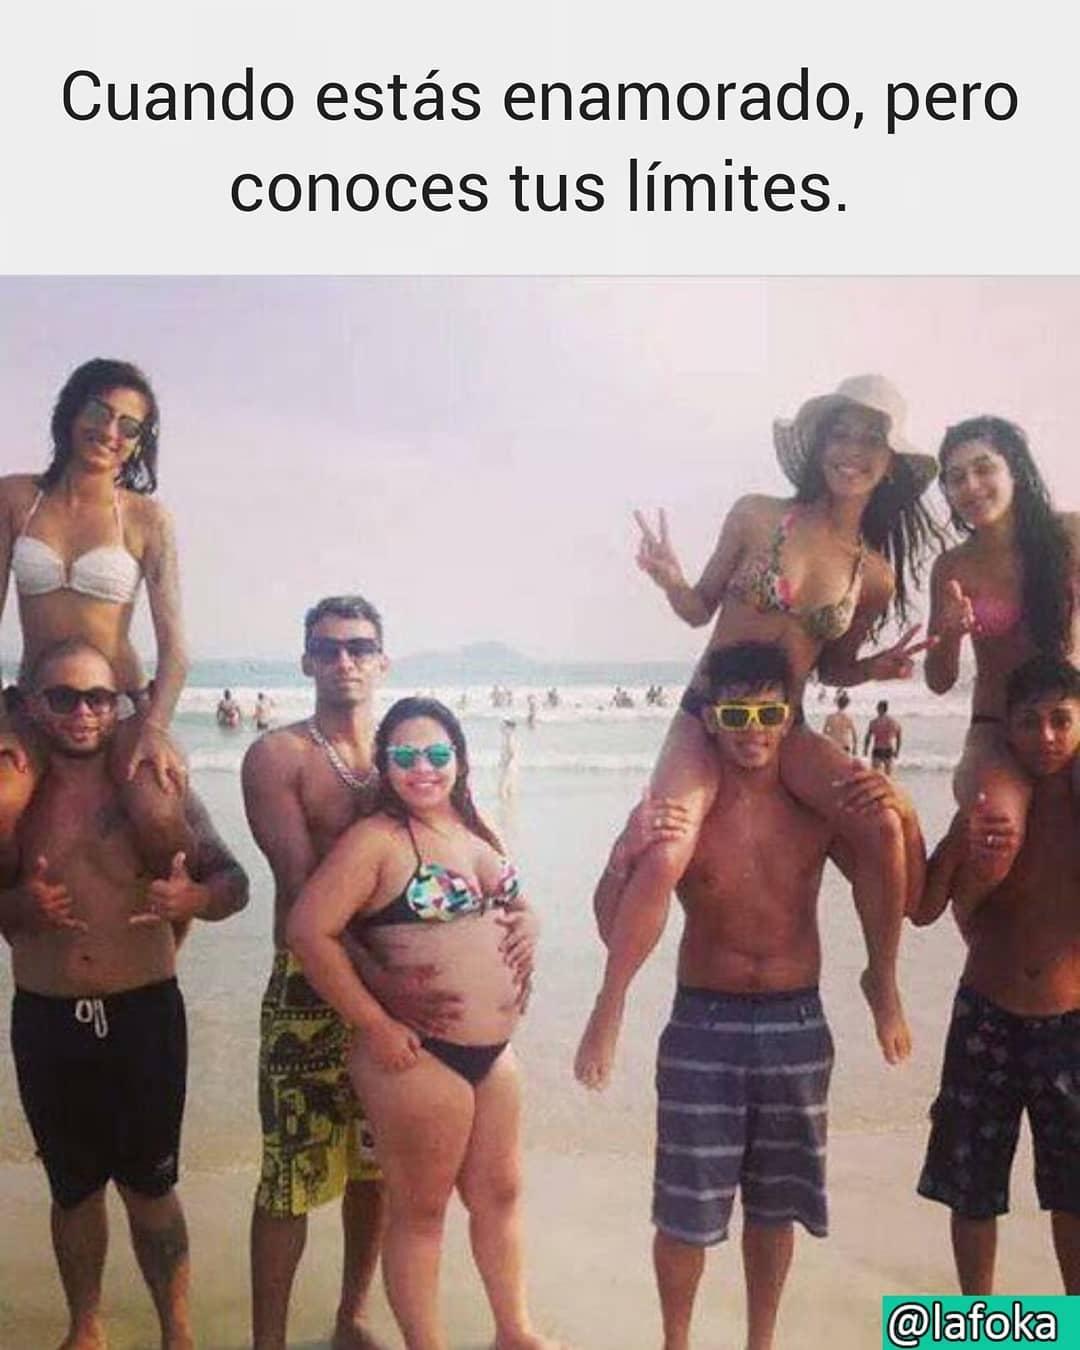 Cuando estás enamorado, pero conoces tus límites.